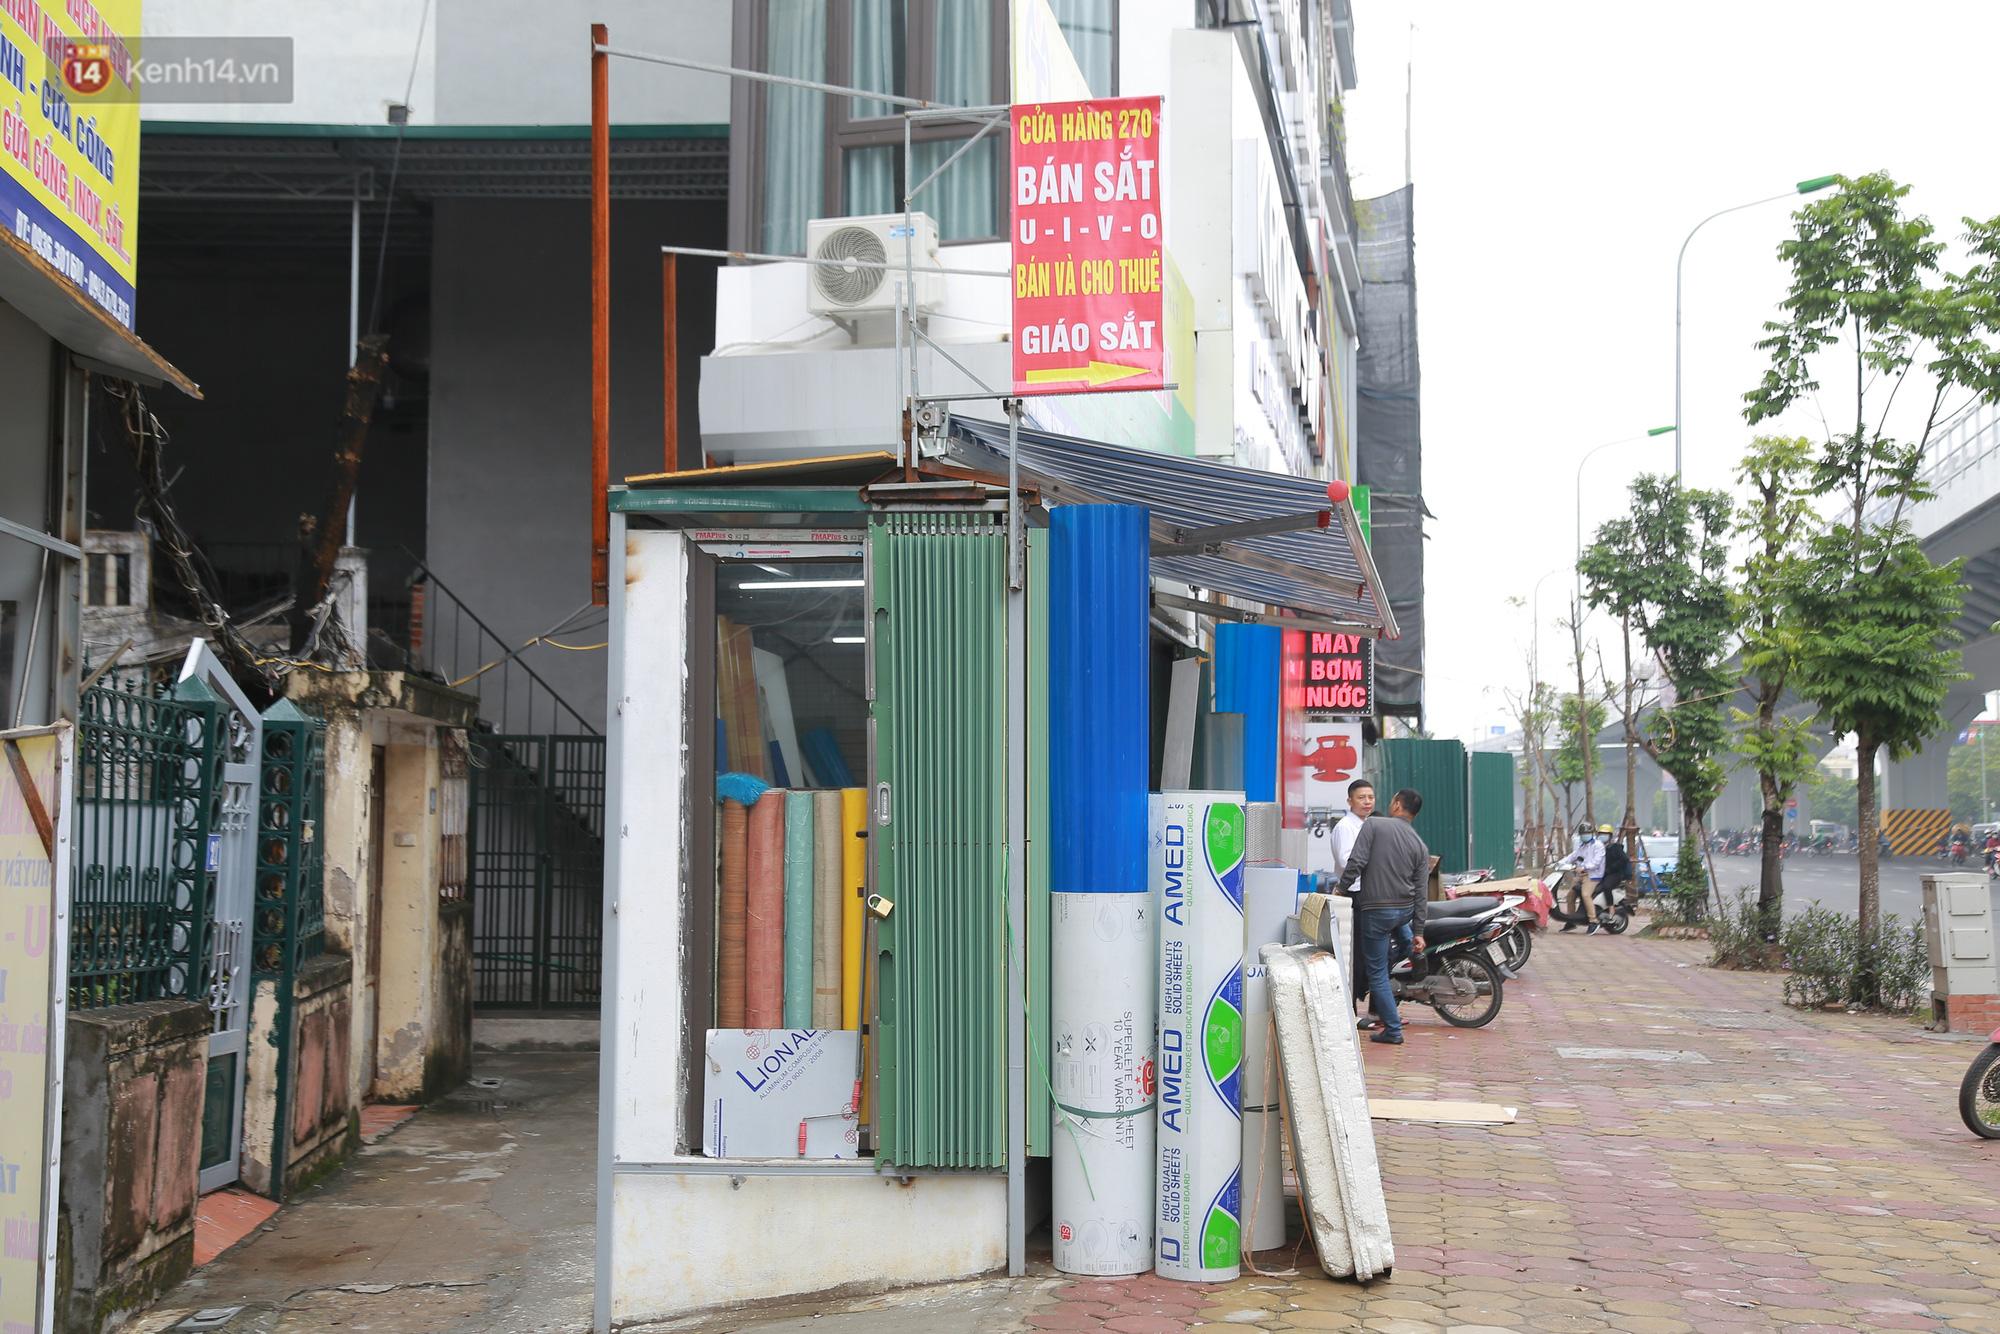 Ảnh: Cận cảnh những ngôi nhà siêu mỏng, siêu nhỏ ở đường Trường Chinh - Ảnh 7.